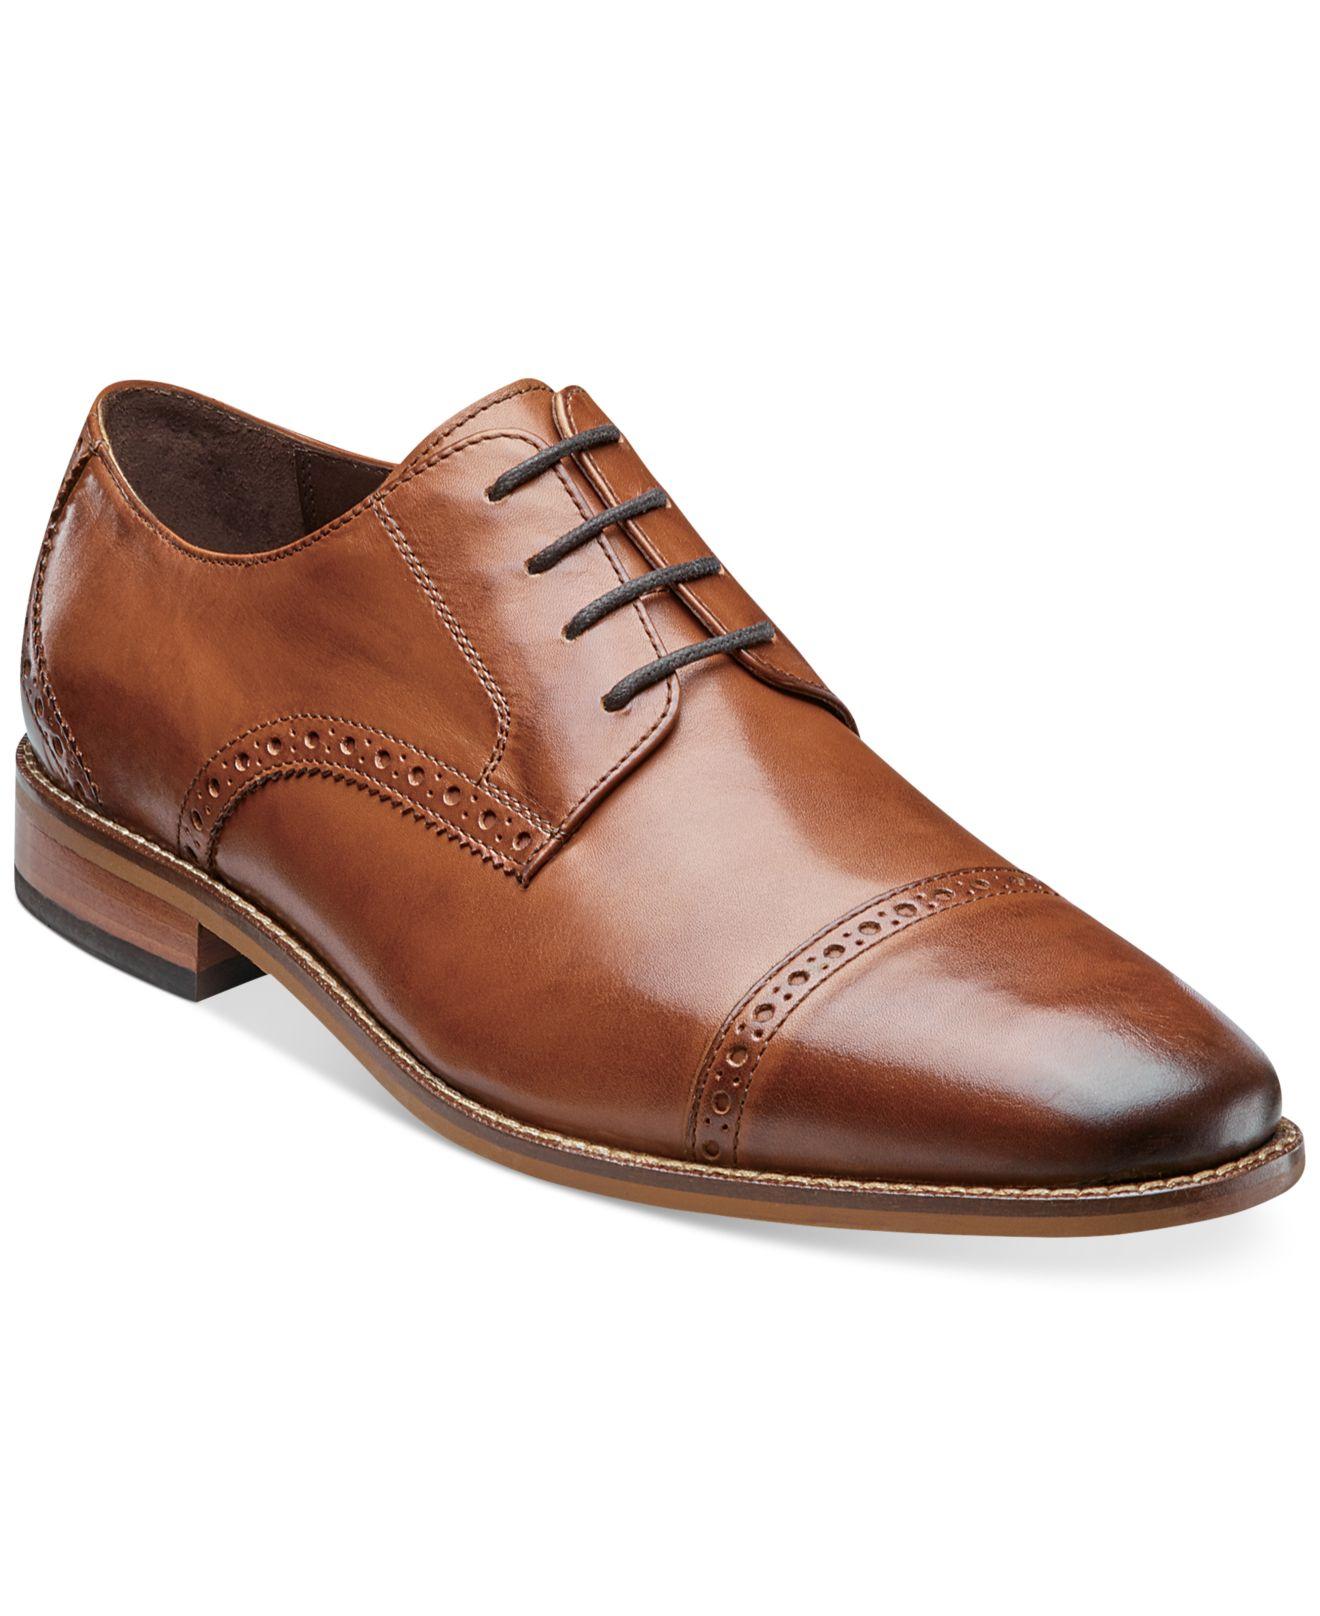 Men S Florsheim Casual Shoes